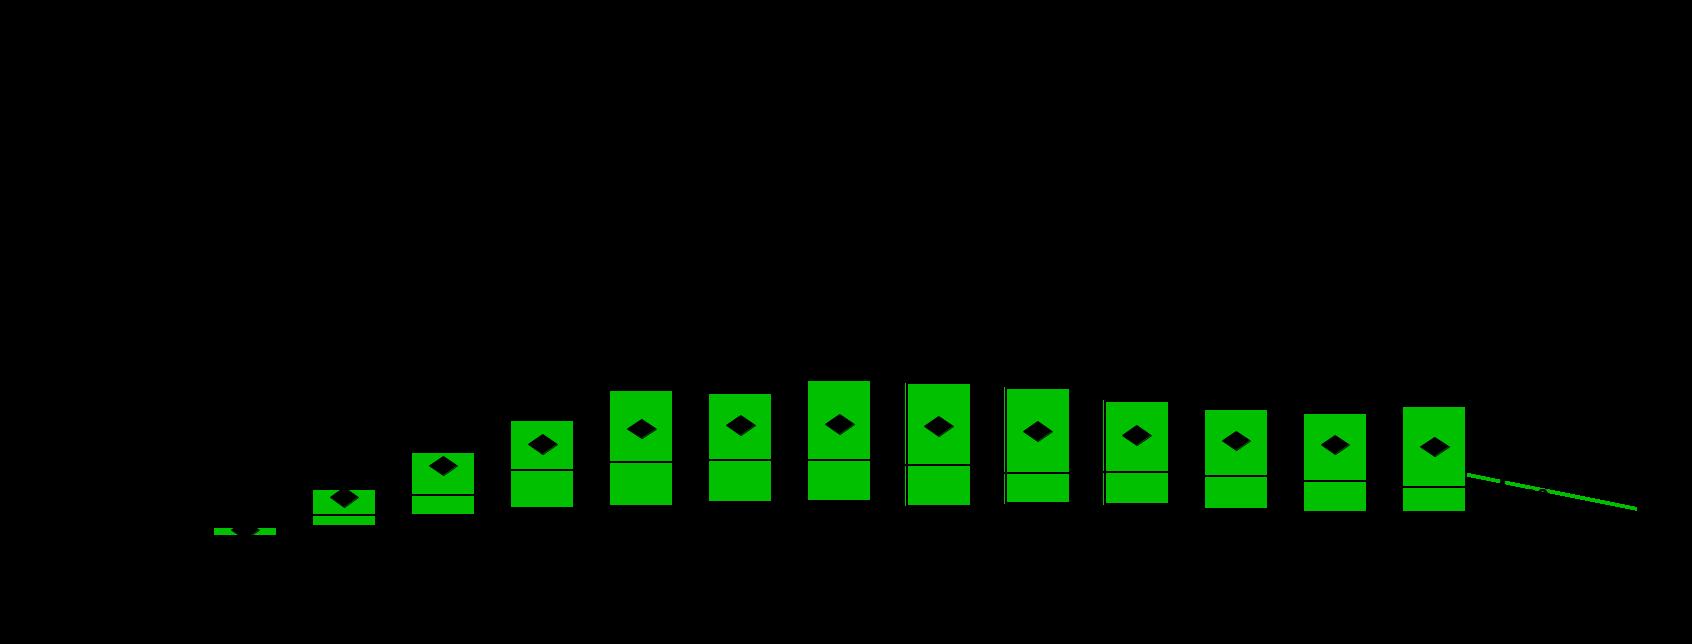 FVIII aktiivsus üle 52 nädala mITT populatsioonis